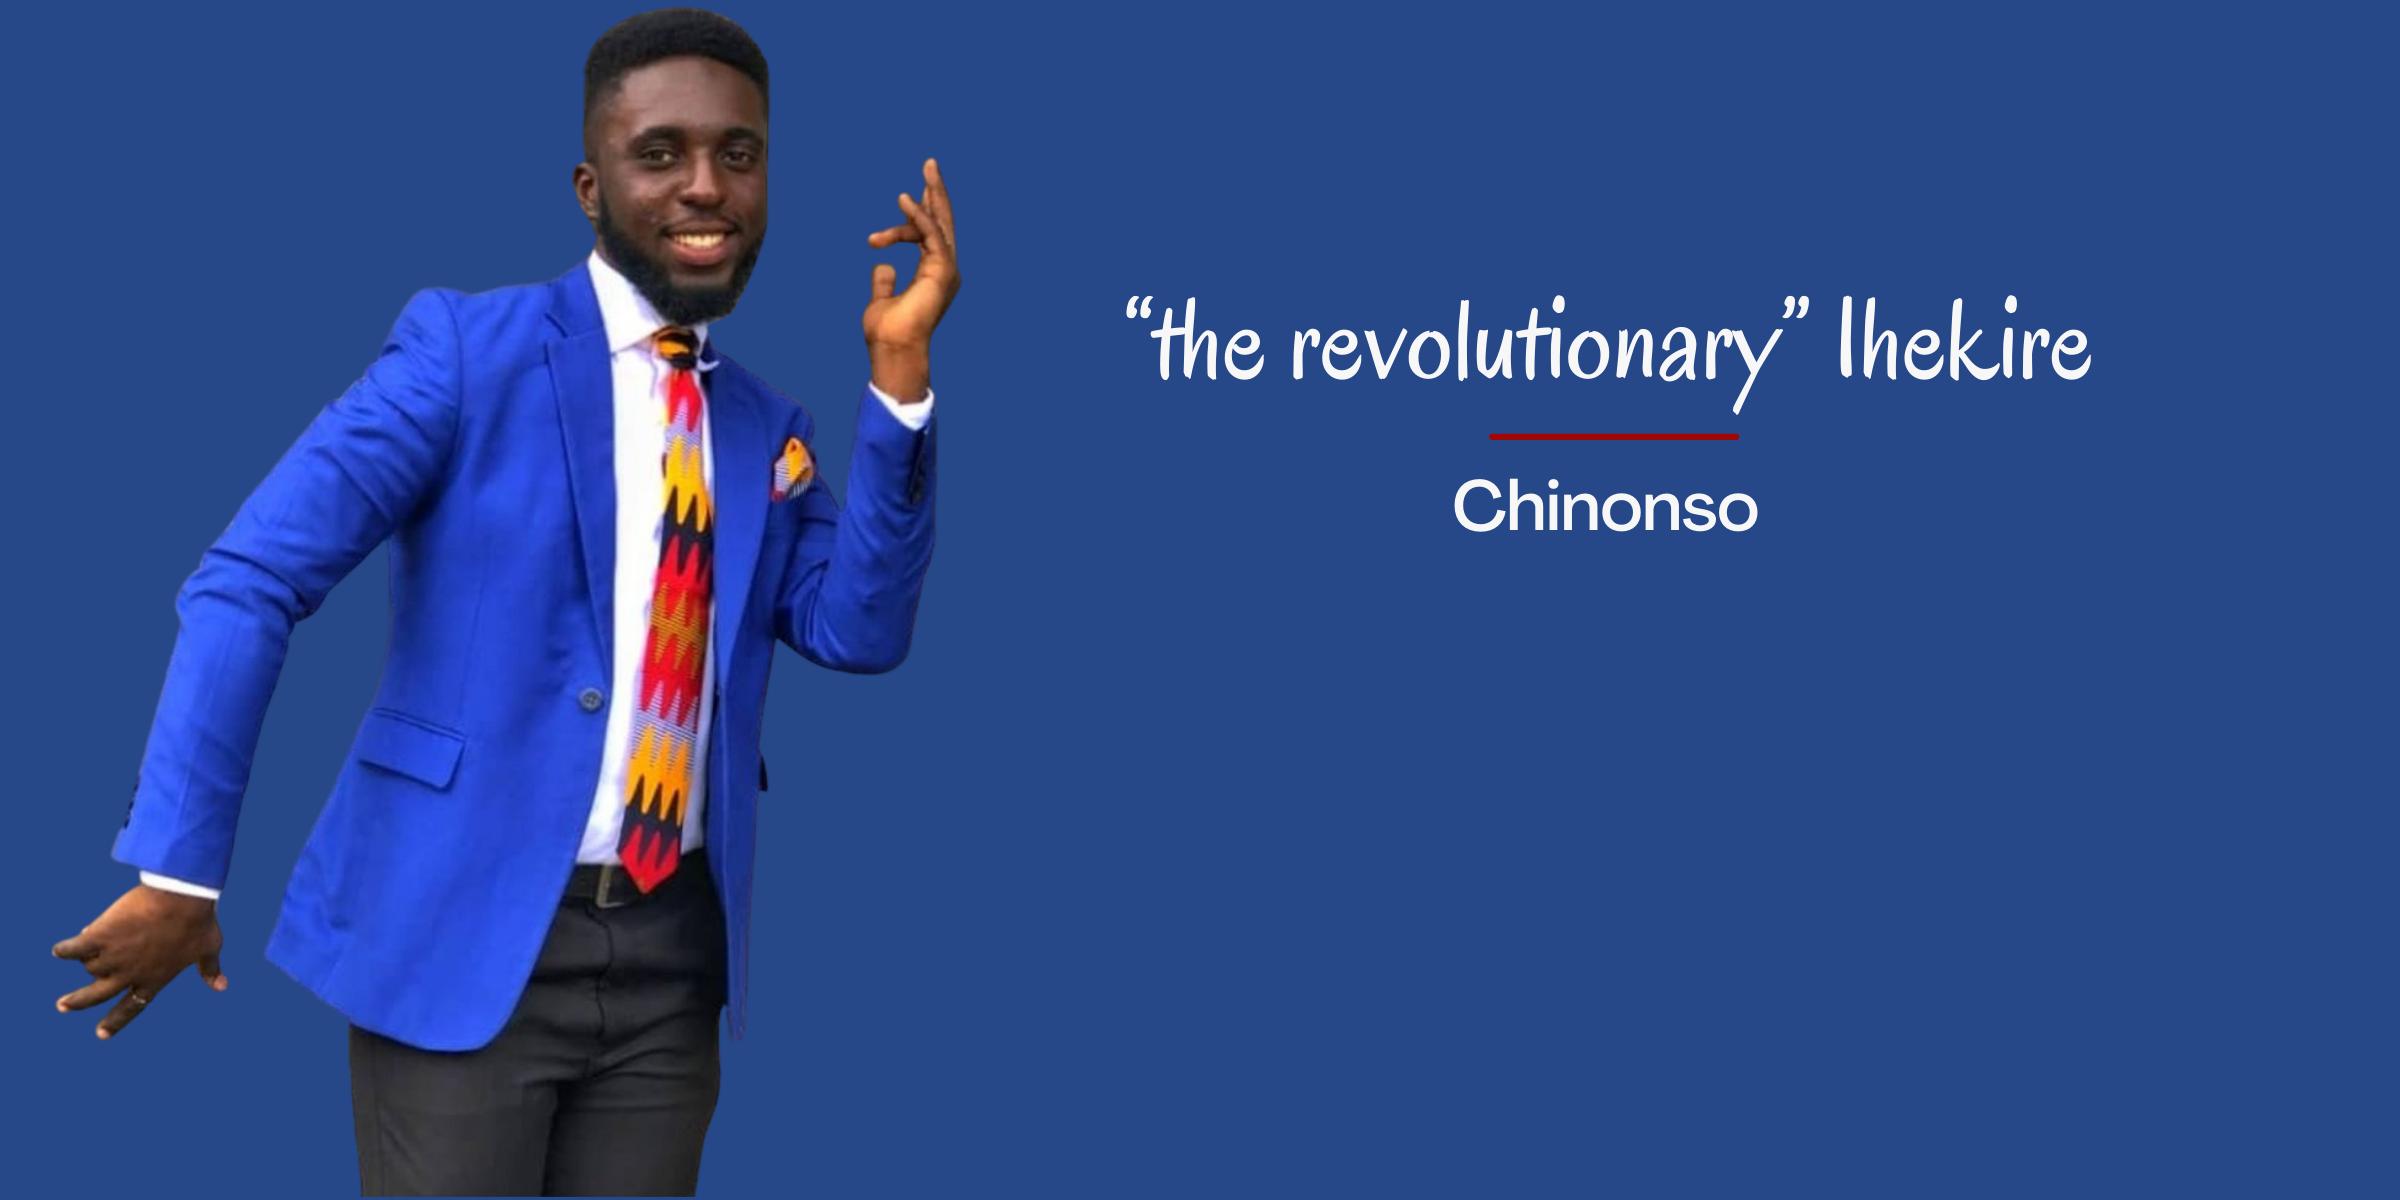 Chinonso Ihekire